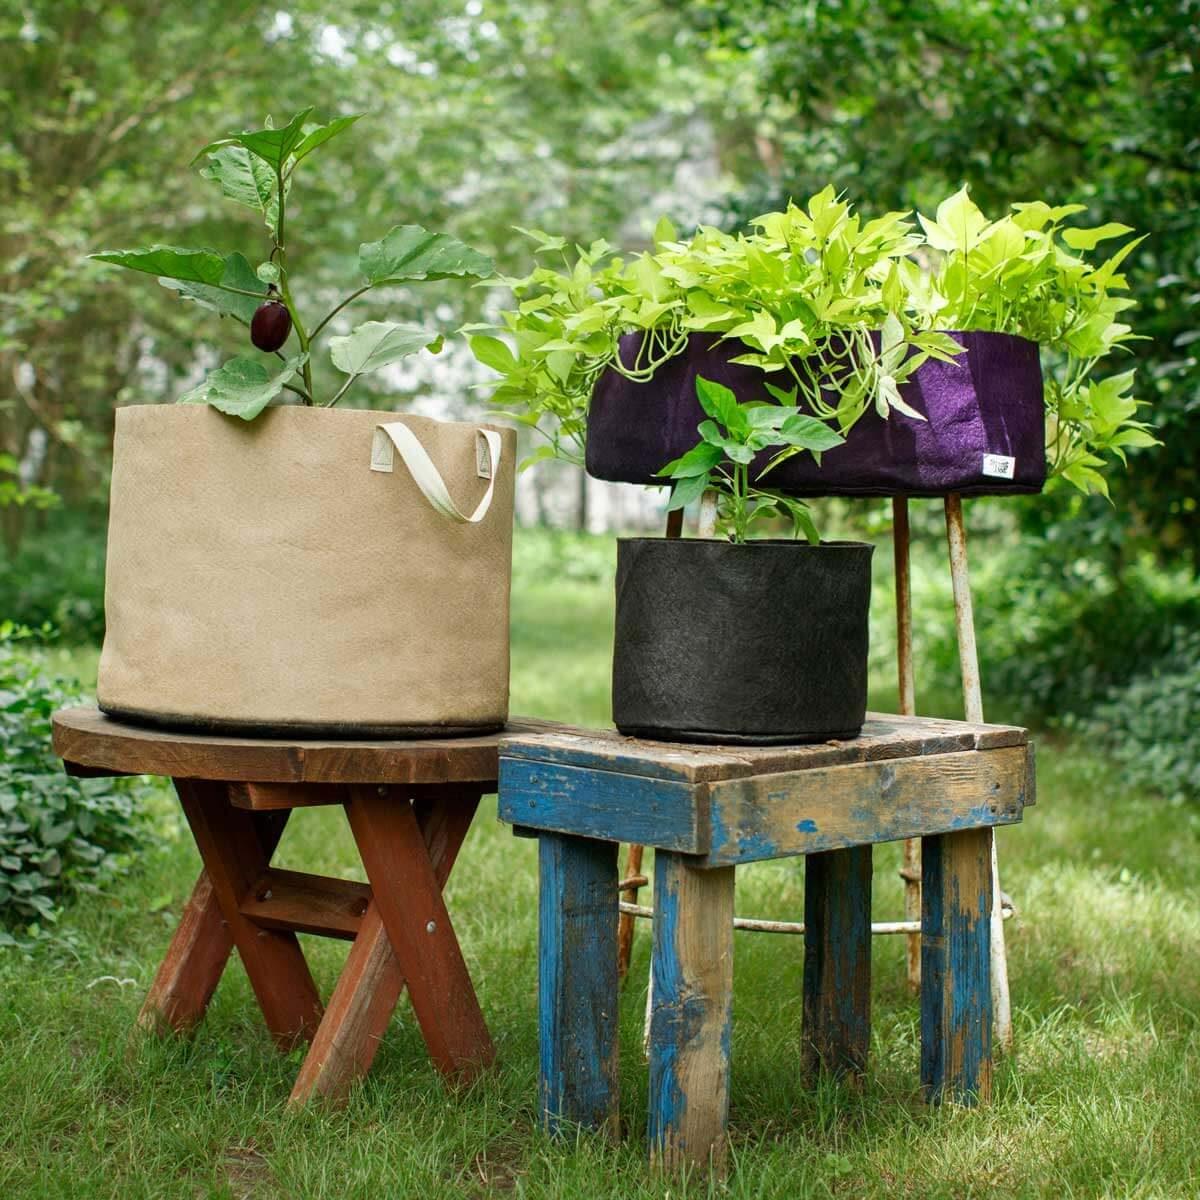 Grow Healthier Plants in Handy Fabric Pots